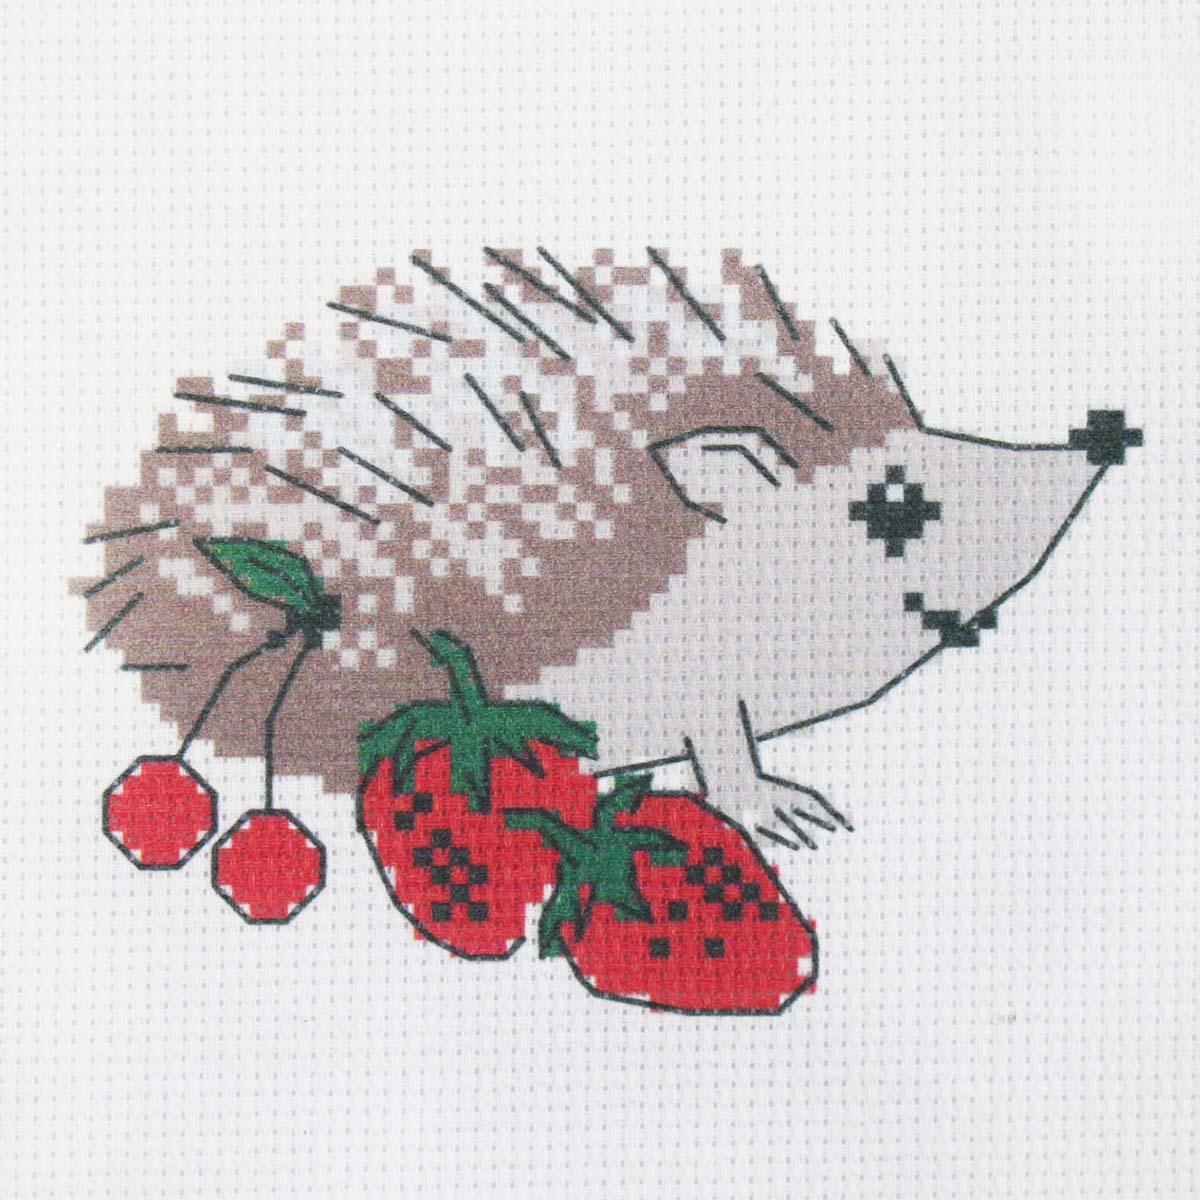 203 Набор для вышивания Василиса 'Ежик с ягодами' 19*19см